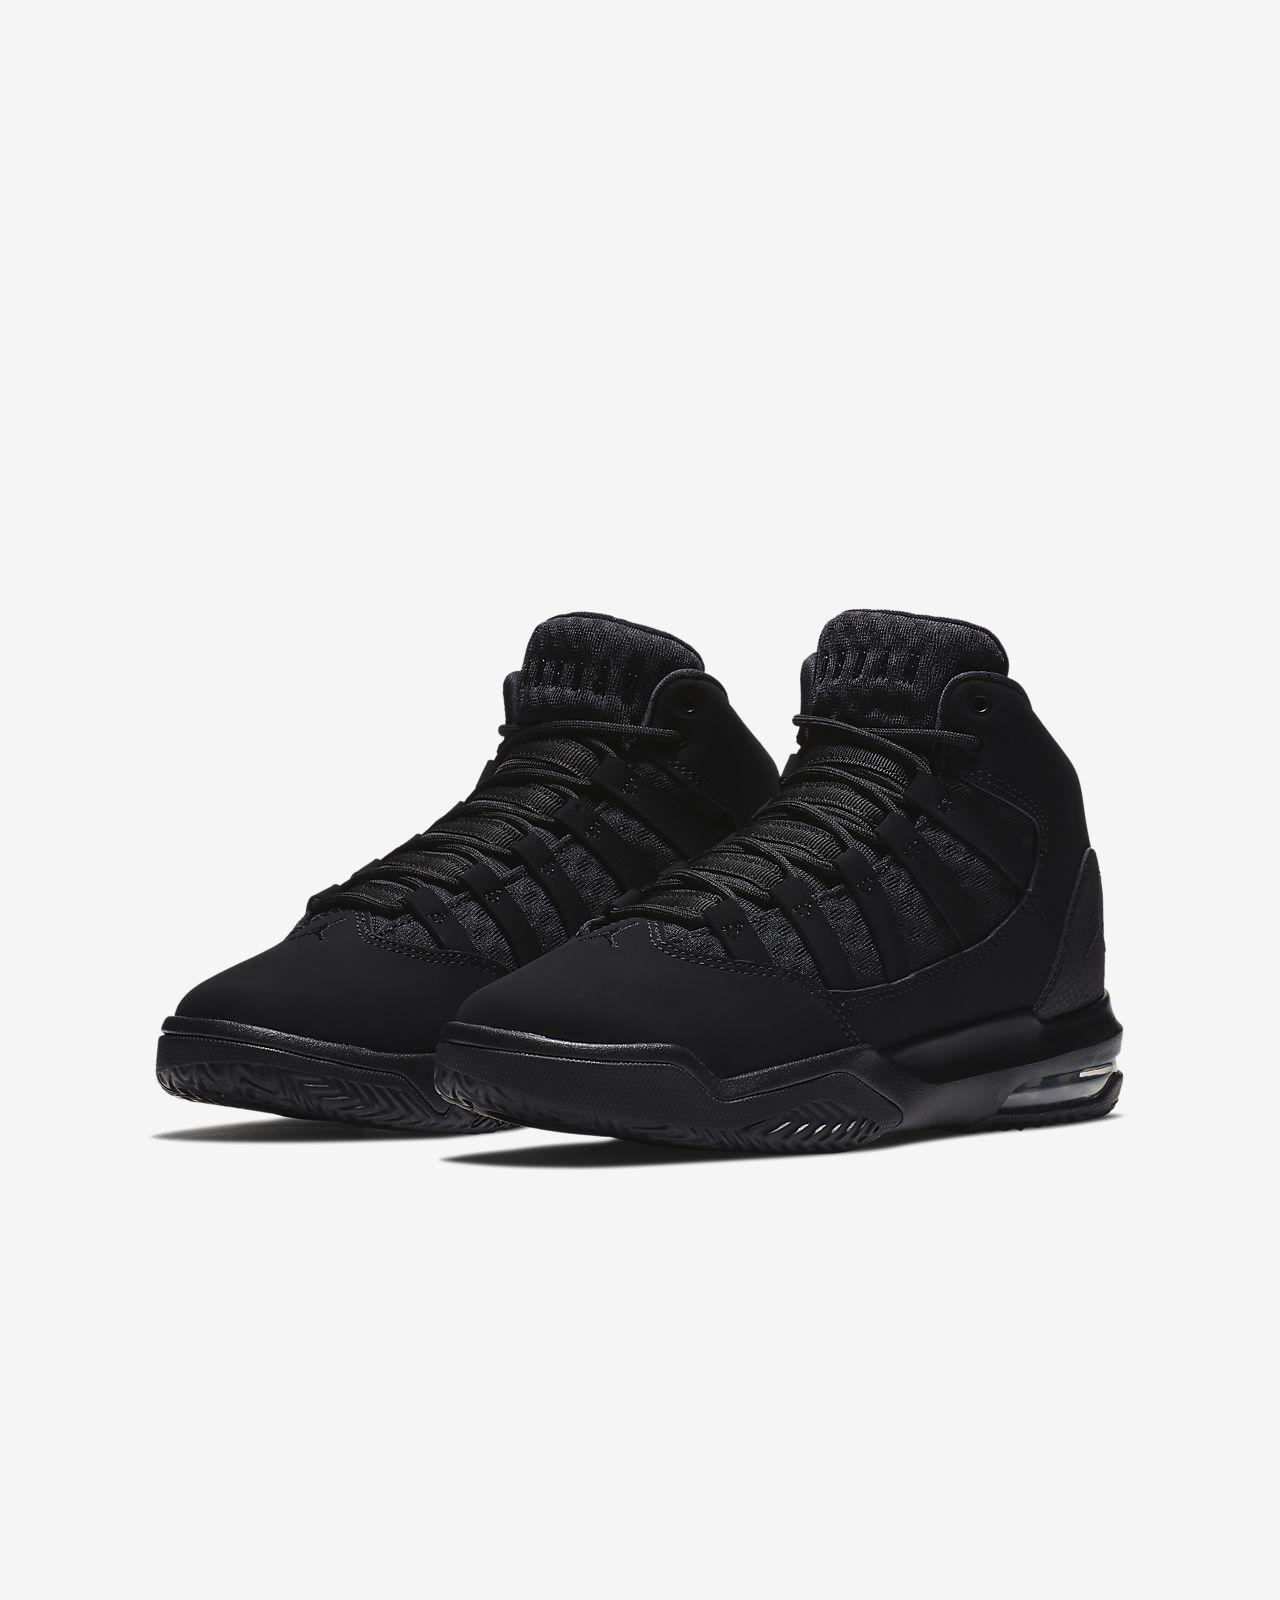 on sale 5e170 8e0c3 Jordan Max Aura Older Kids' Shoe